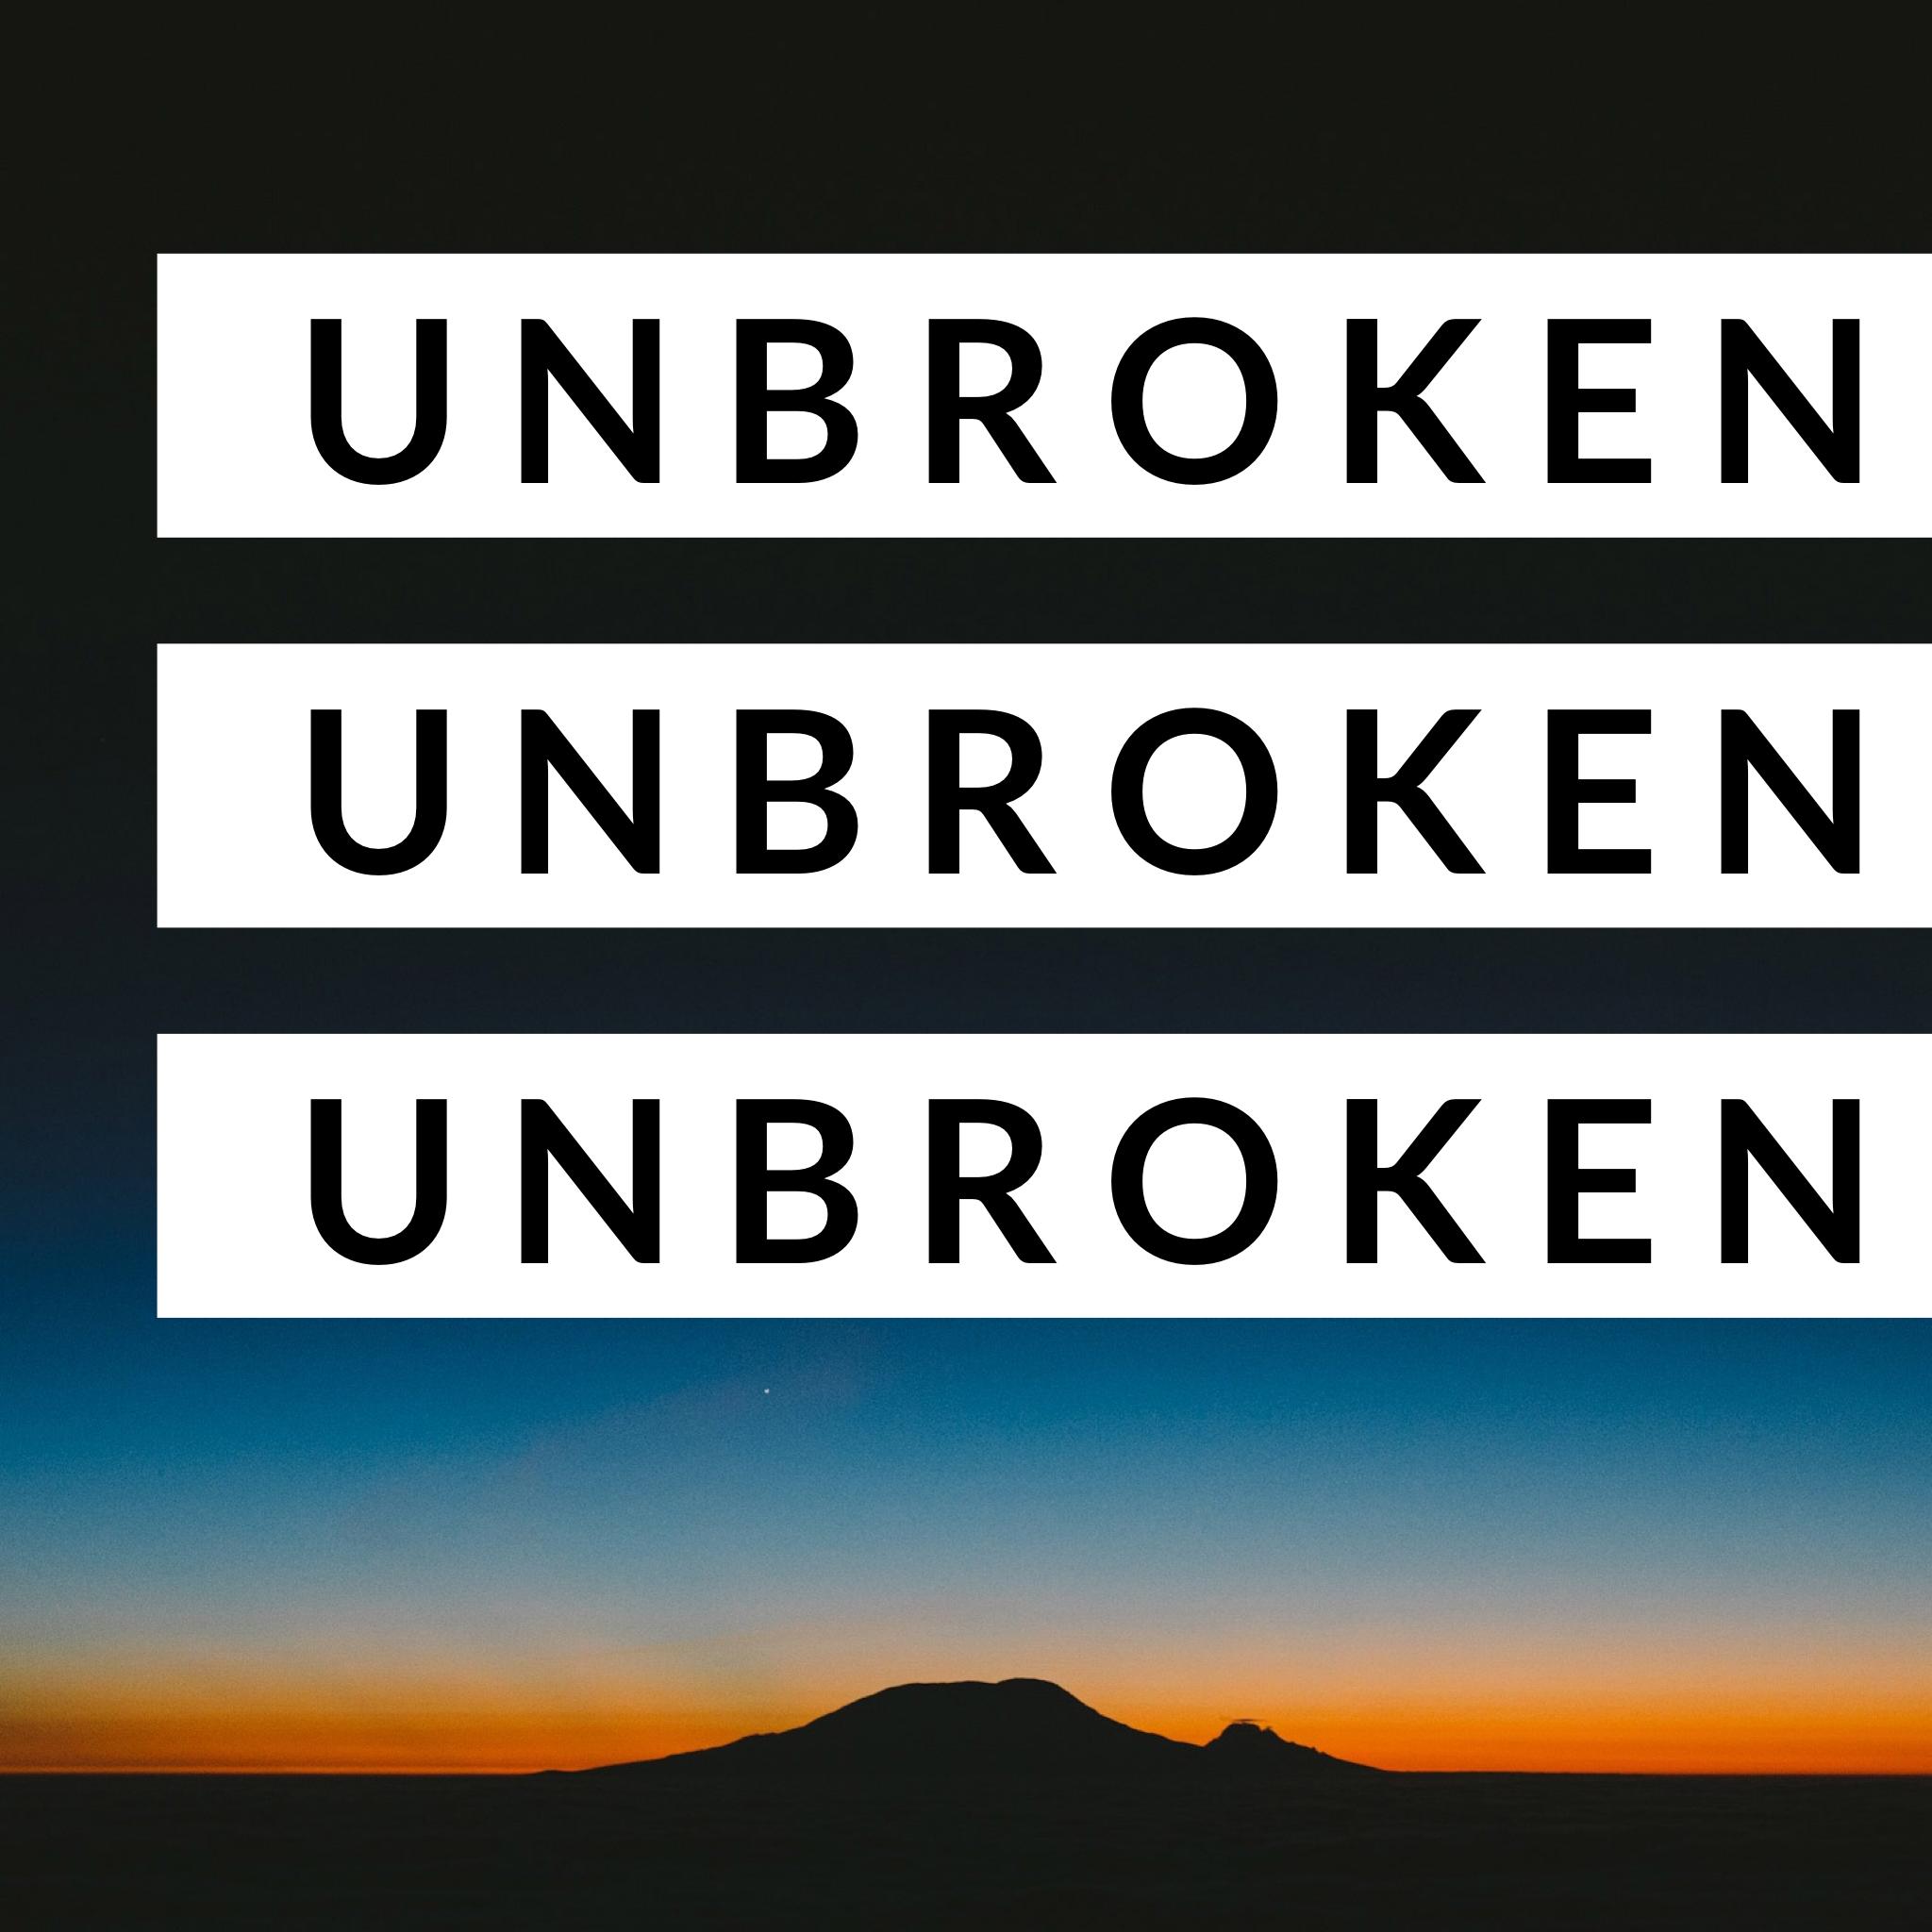 UnbrokenUnbrokenUnbroken  April 2019